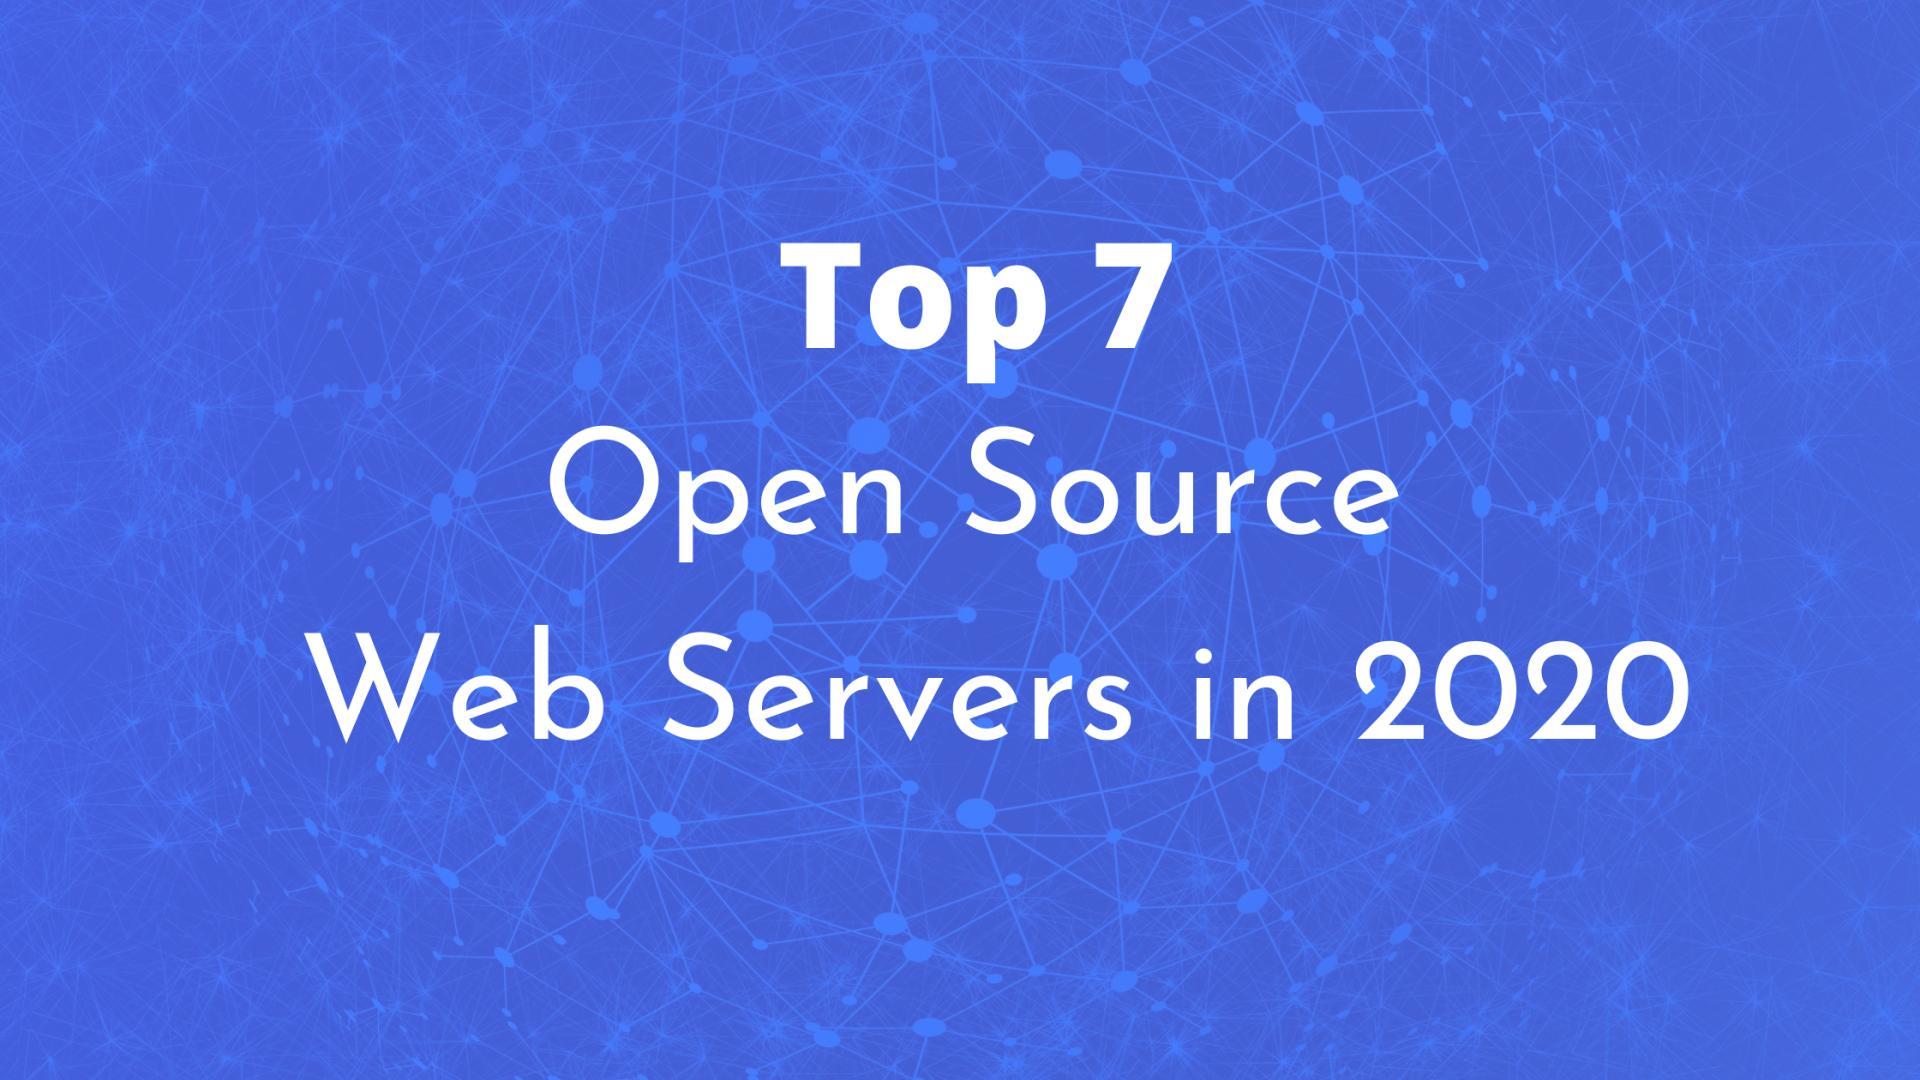 Top 7 Open Source Web Servers in 2020